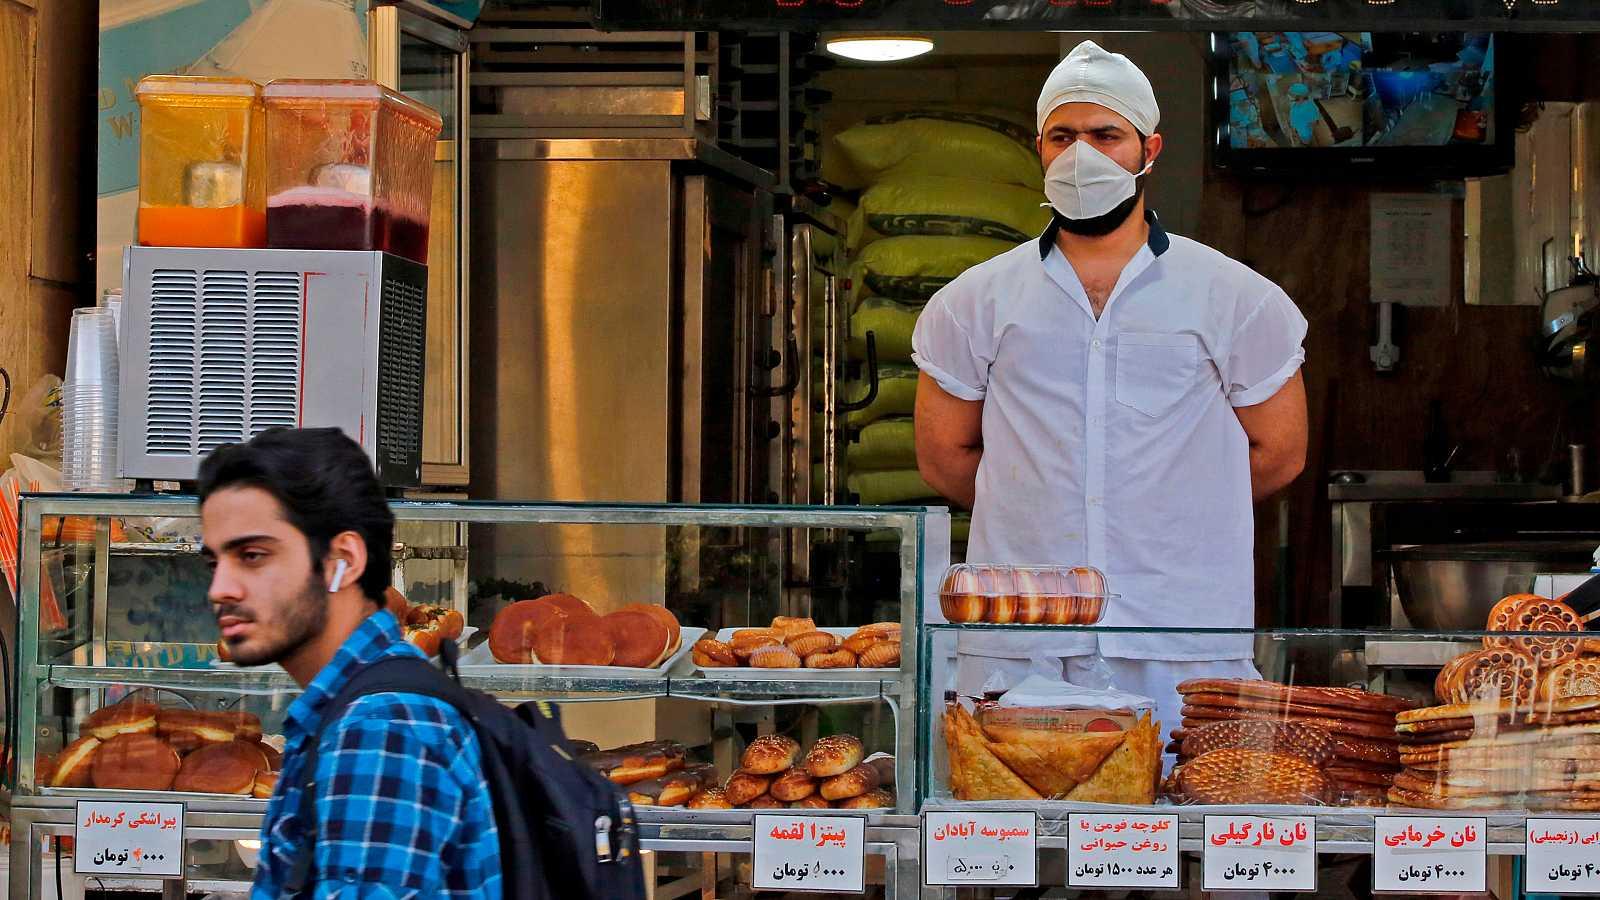 A pesar del incremento de contagios, el presidente iraní ha abogado por reabrir el país para no colapsar la economía.